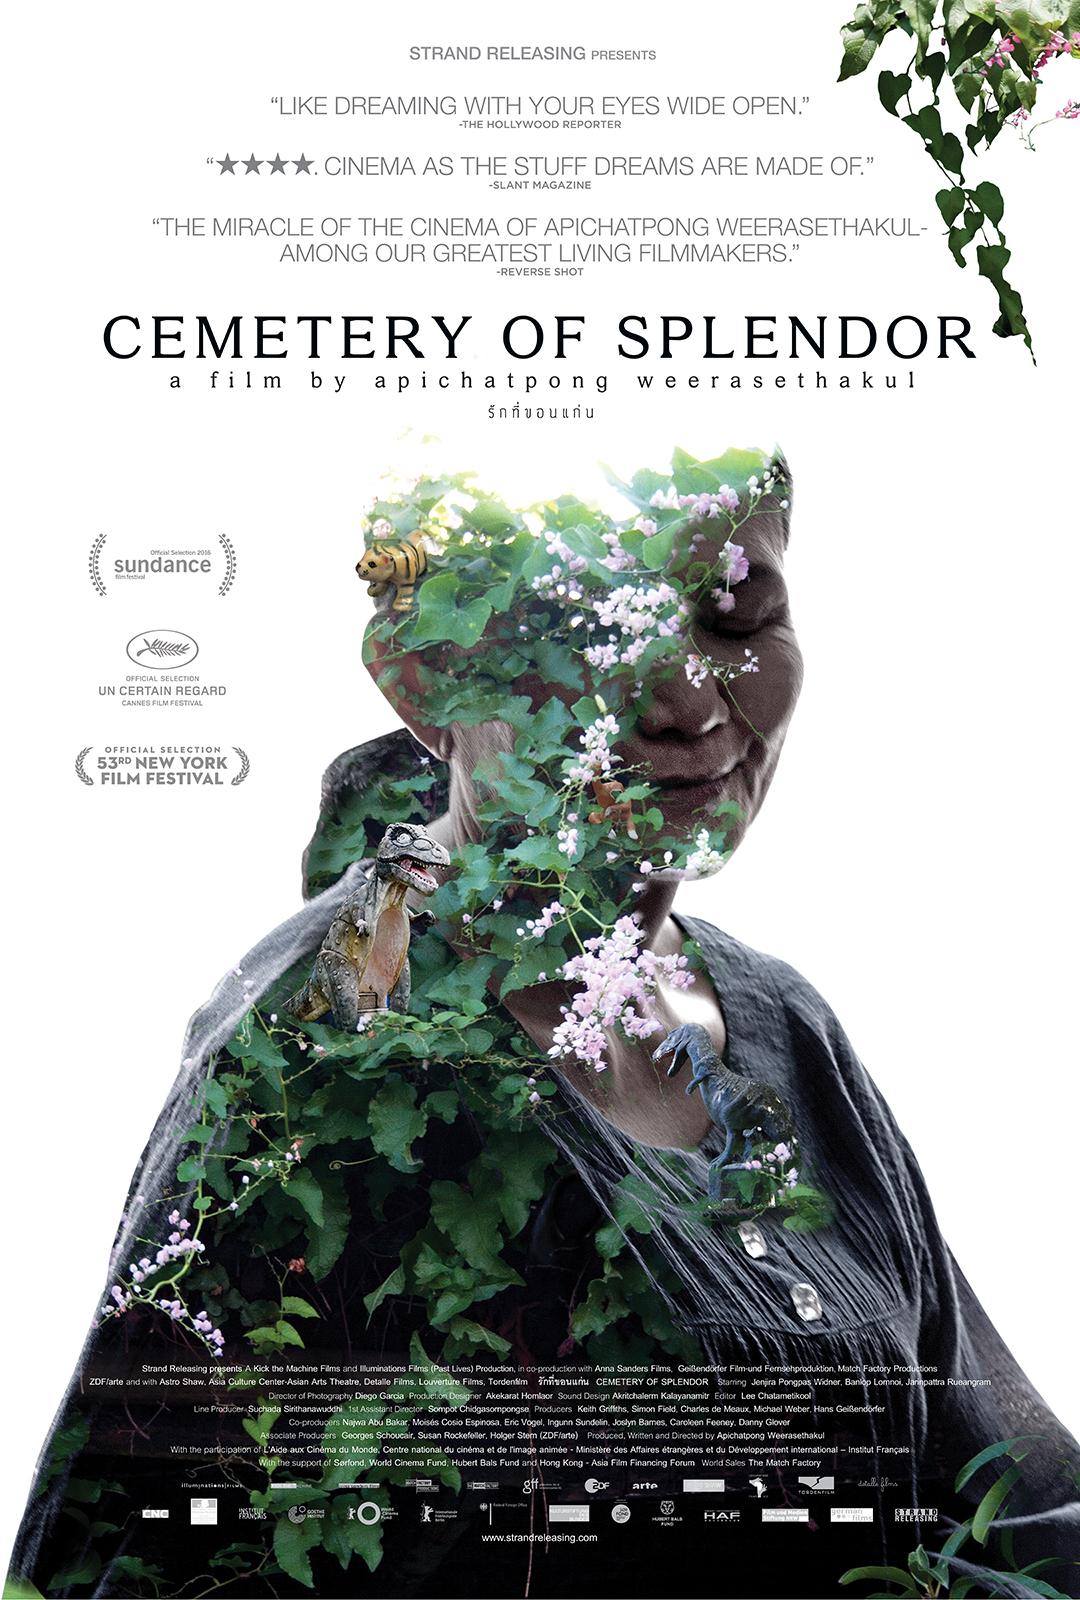 دانلود زیرنویس فارسی فیلم Cemetery of Splendor